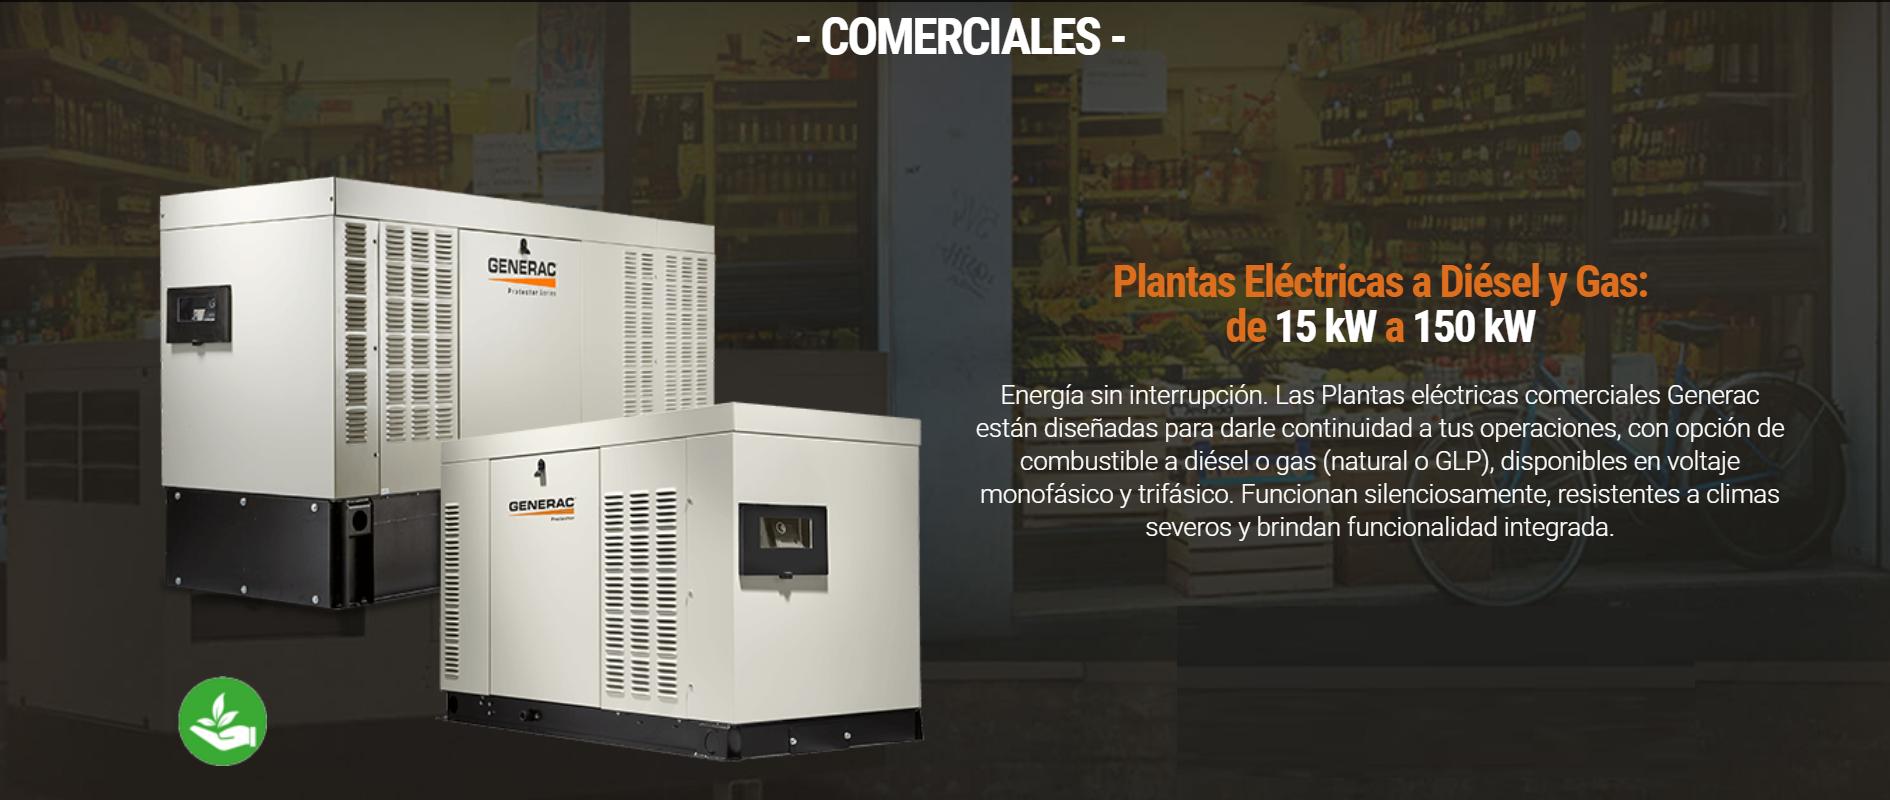 Plantas Eléctricas a Diésel y Gas de 15 kW a 150 kW